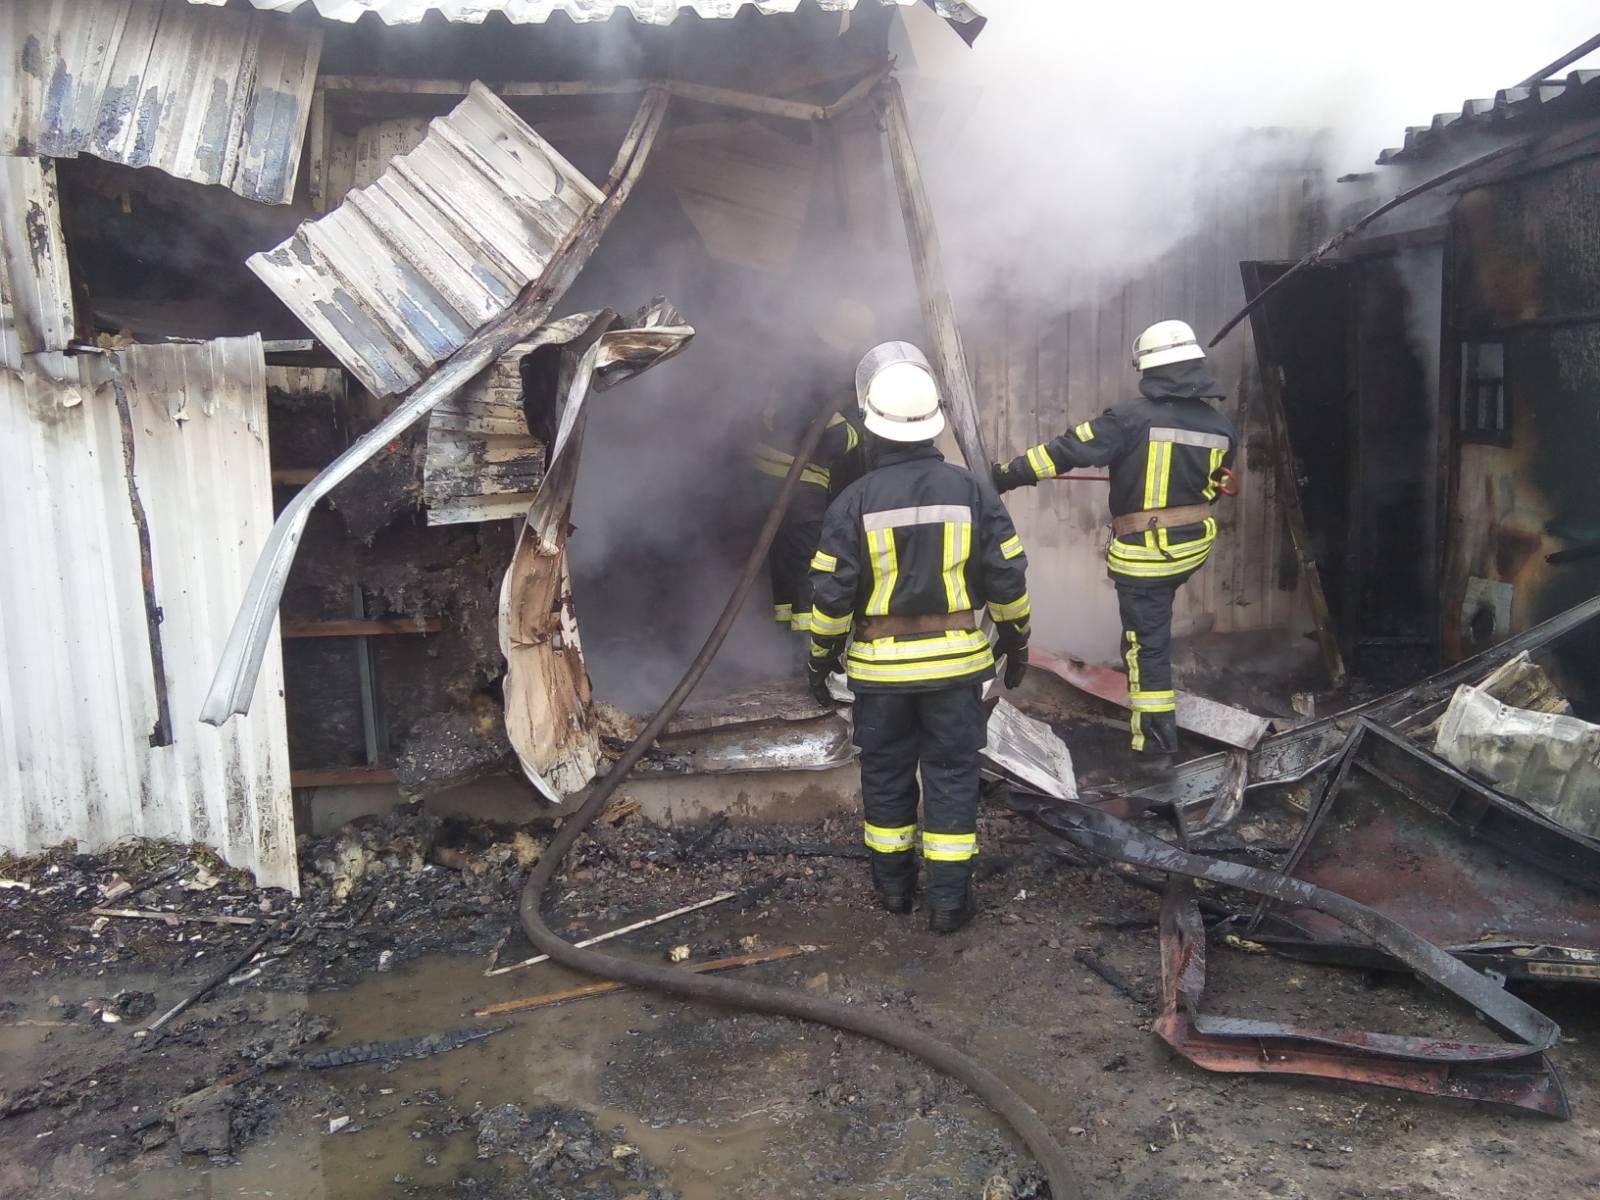 Novosil-travmy-1 Жінка отримала травми на пожежі в Новосілках: у Києво-Святошинському районі згоріли 3 споруди біля складу